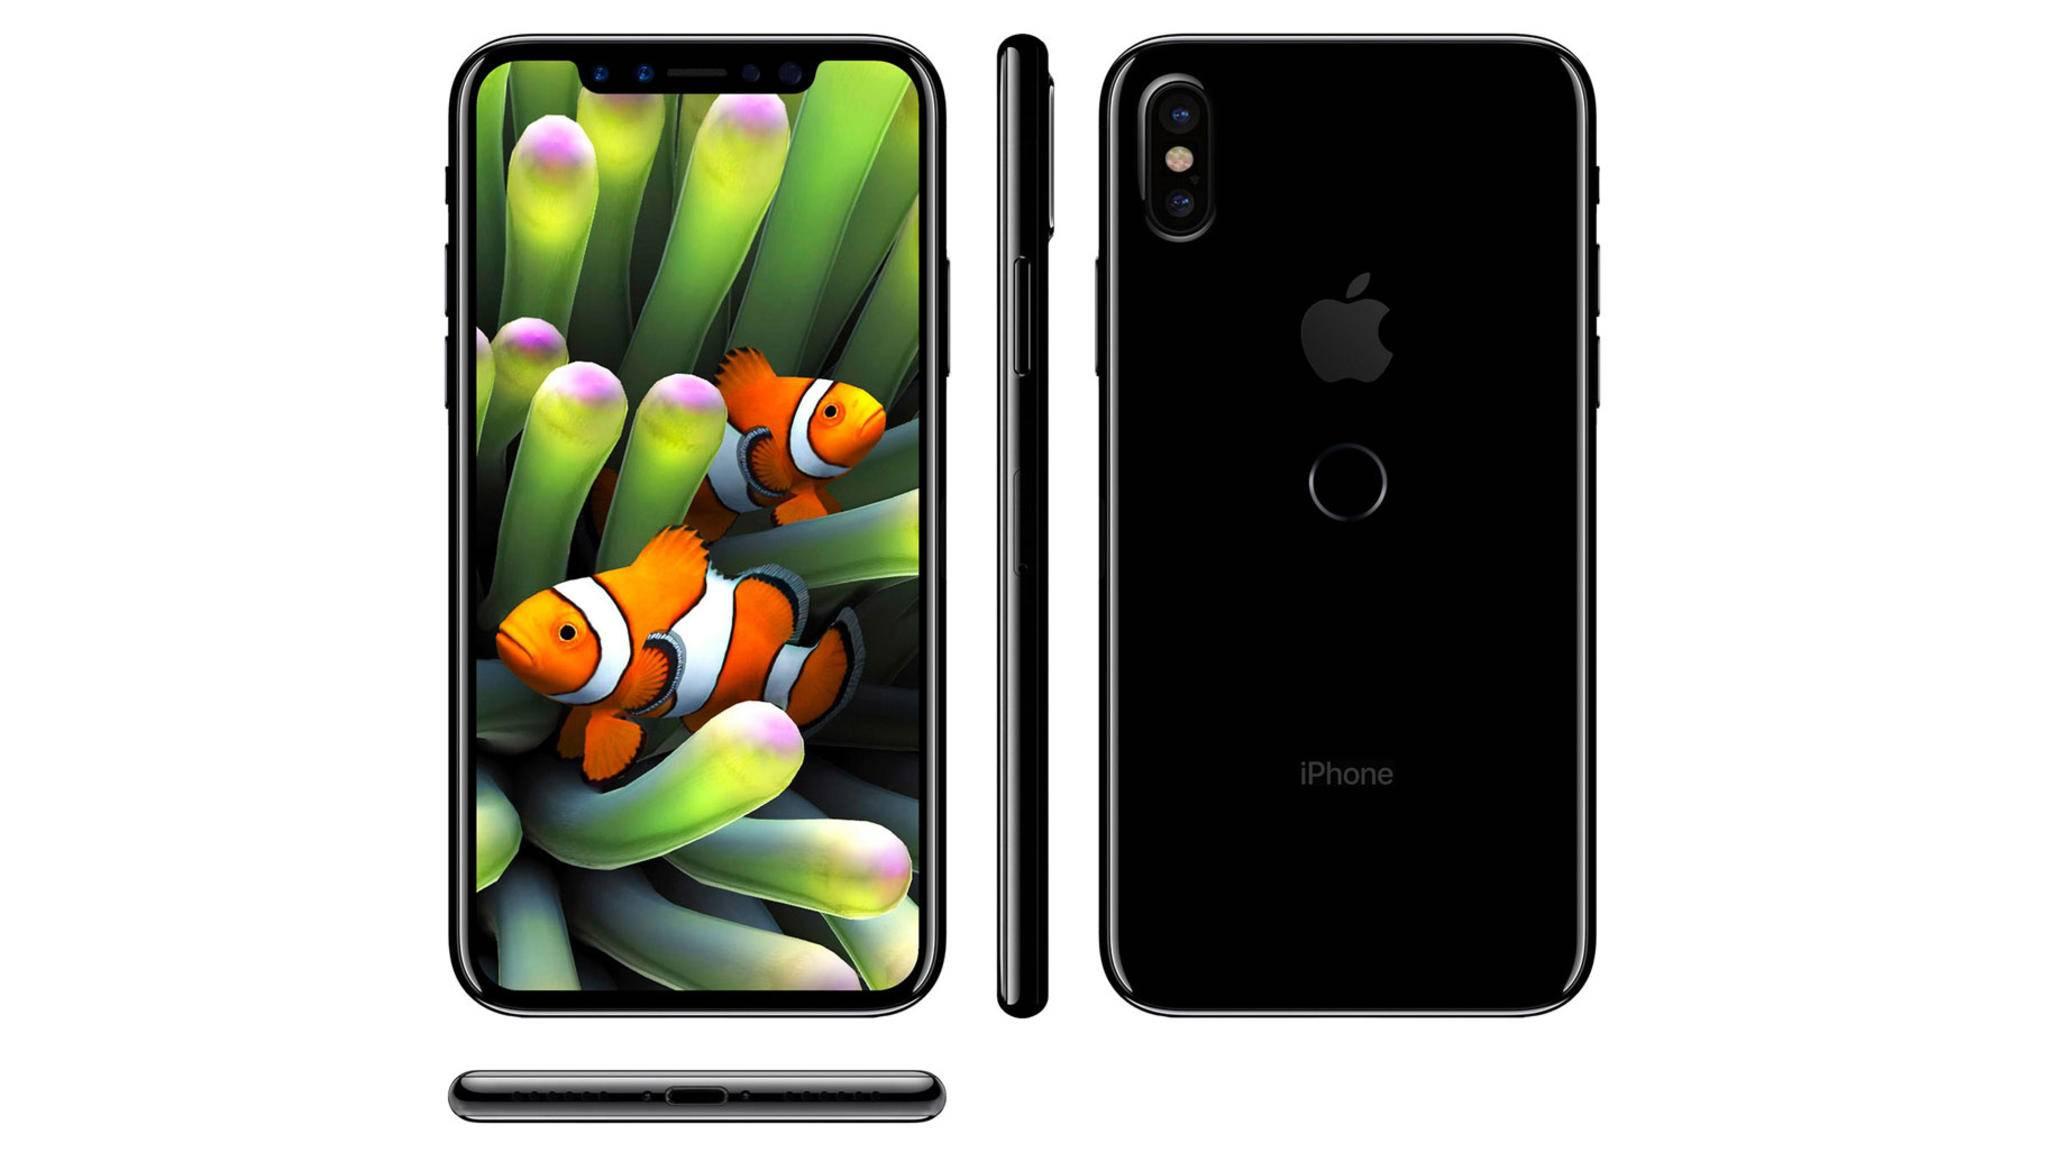 Die Touch-ID-Funktion bleibt Inhalt vieler Spekulationen rund um das iPhone 8.